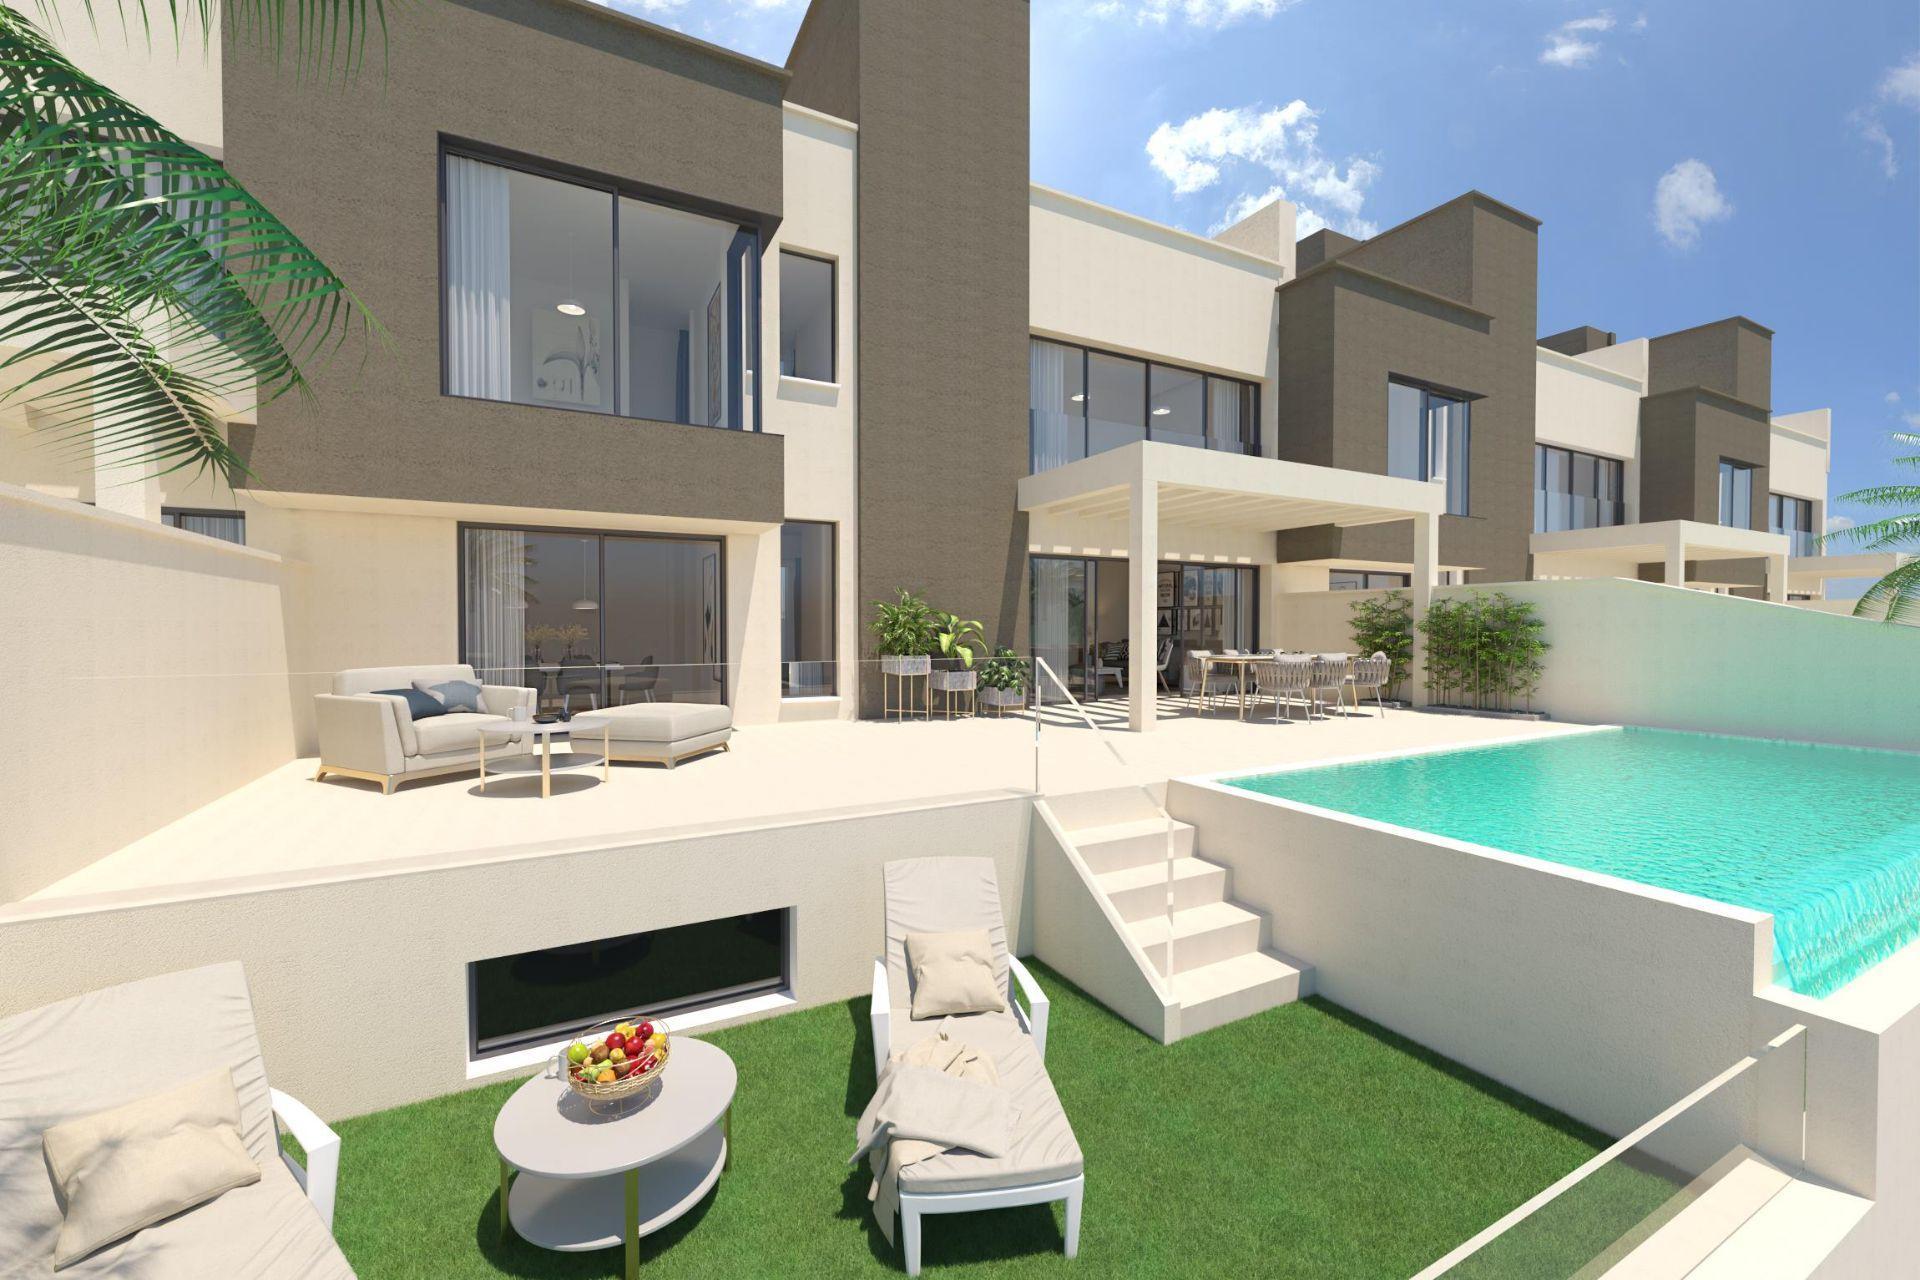 SAN BLAS Ocean View– es un proyecto de nueva construcción de 13 casas adosadas con .... más info